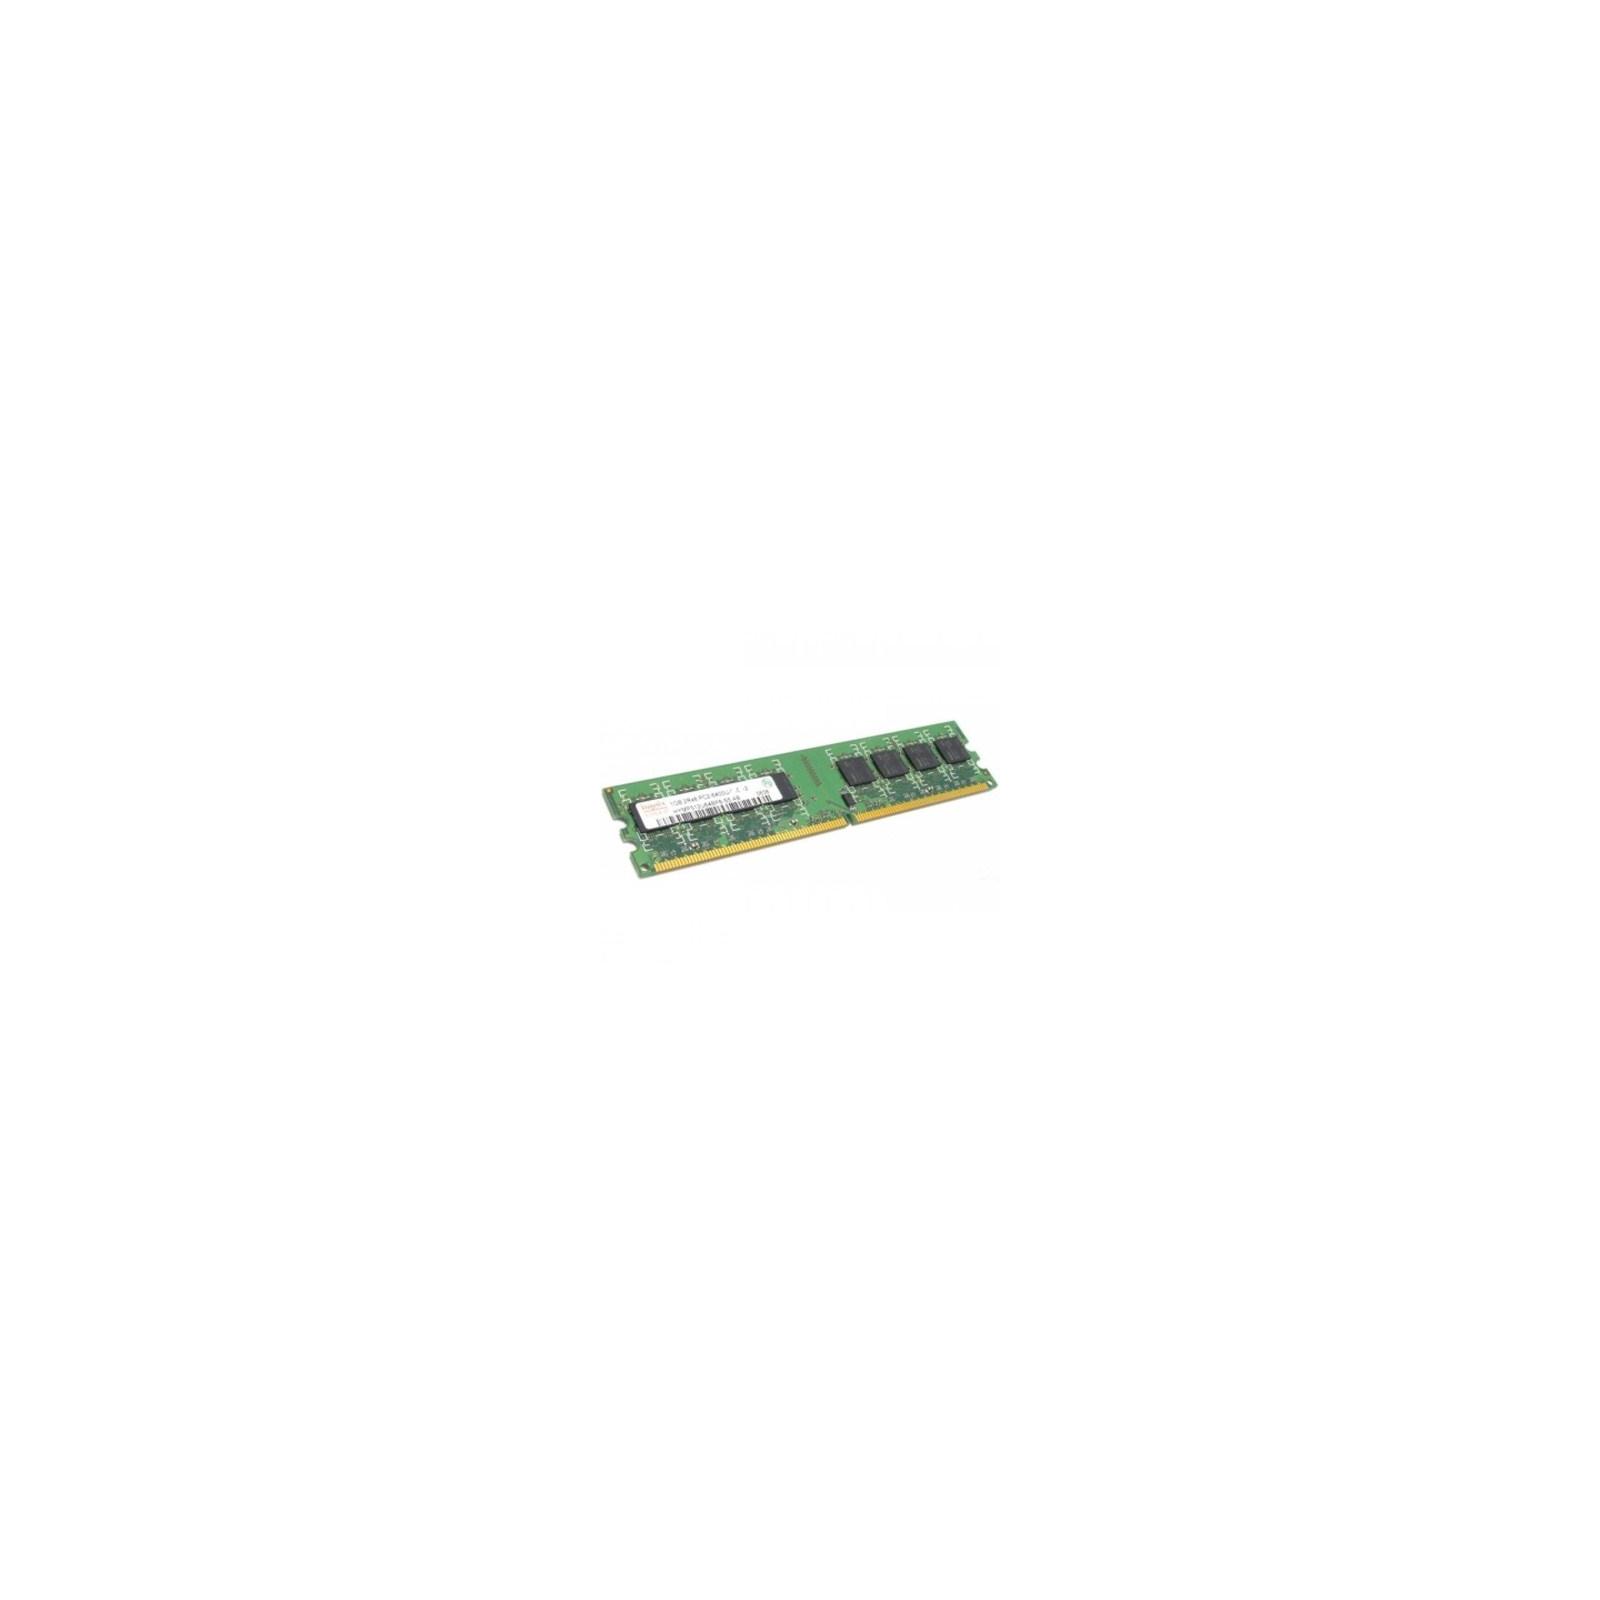 Модуль памяти для компьютера DDR2 2GB 800 MHz Hynix (HY5PS1G831C / H5PS1G83EFRS6C_IC)